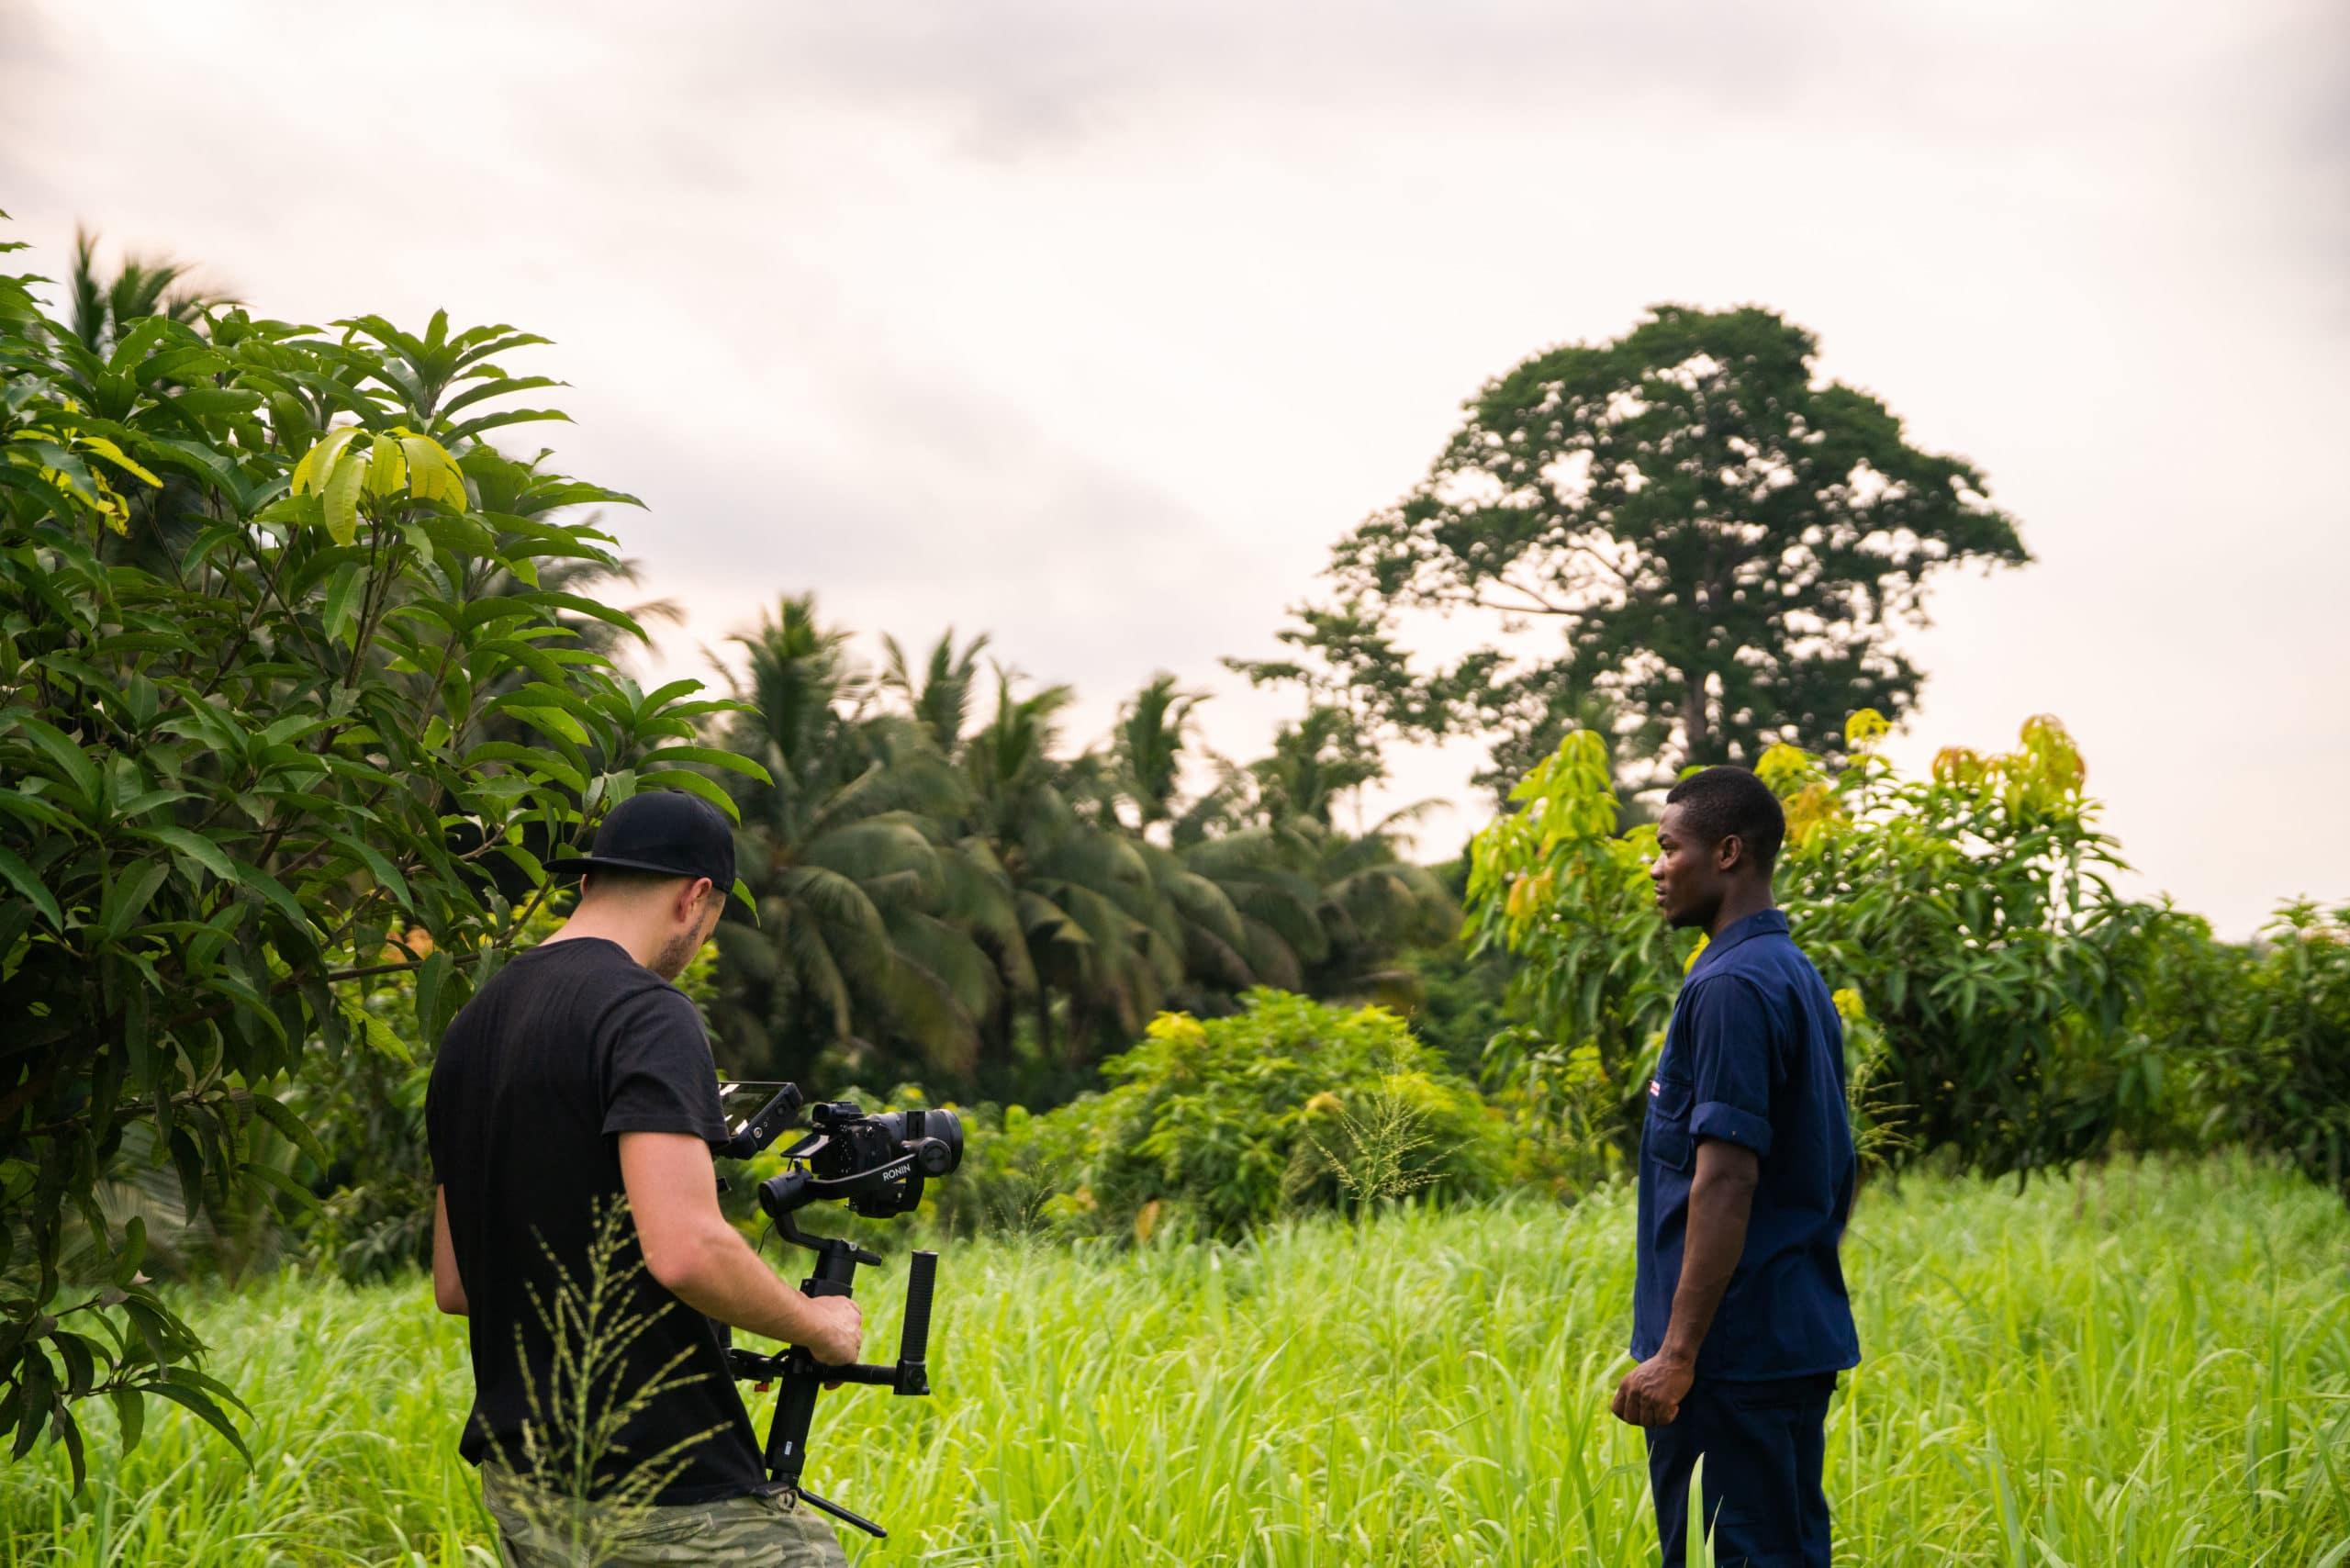 Cinefood-food-viaggiare-africa-videomaker-fotografo